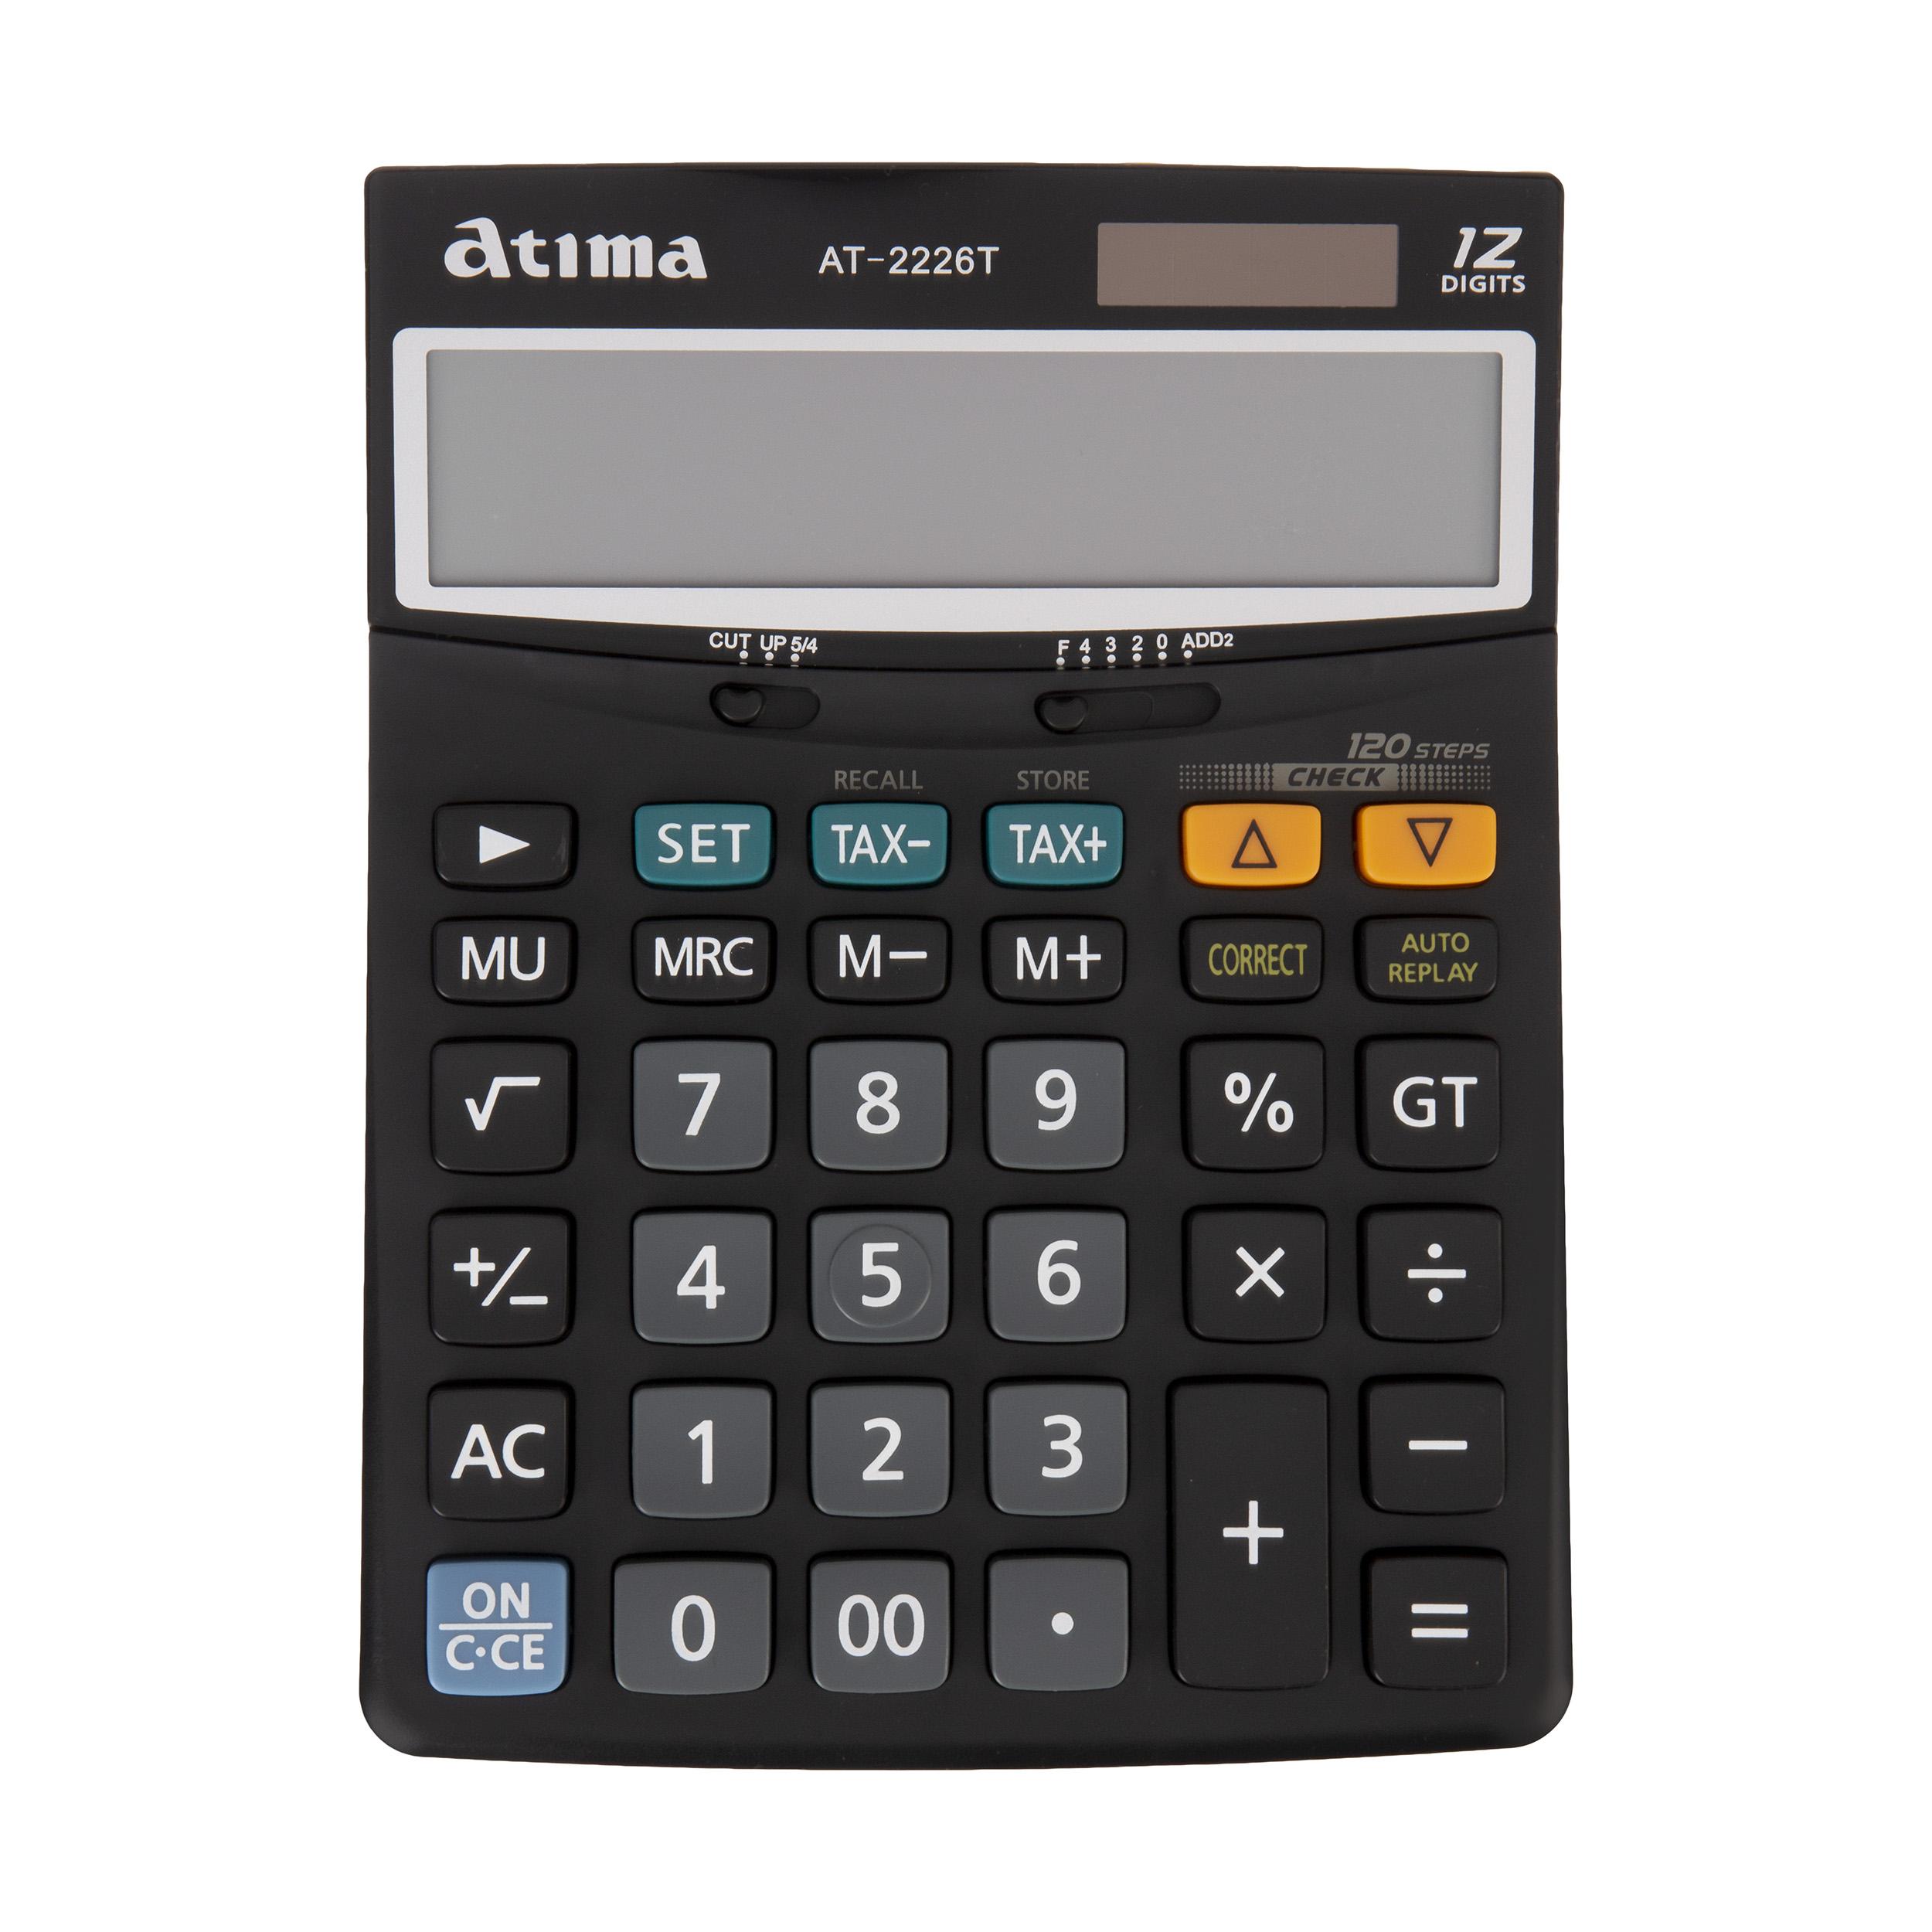 ماشین حساب آتیما مدل AT-2226T